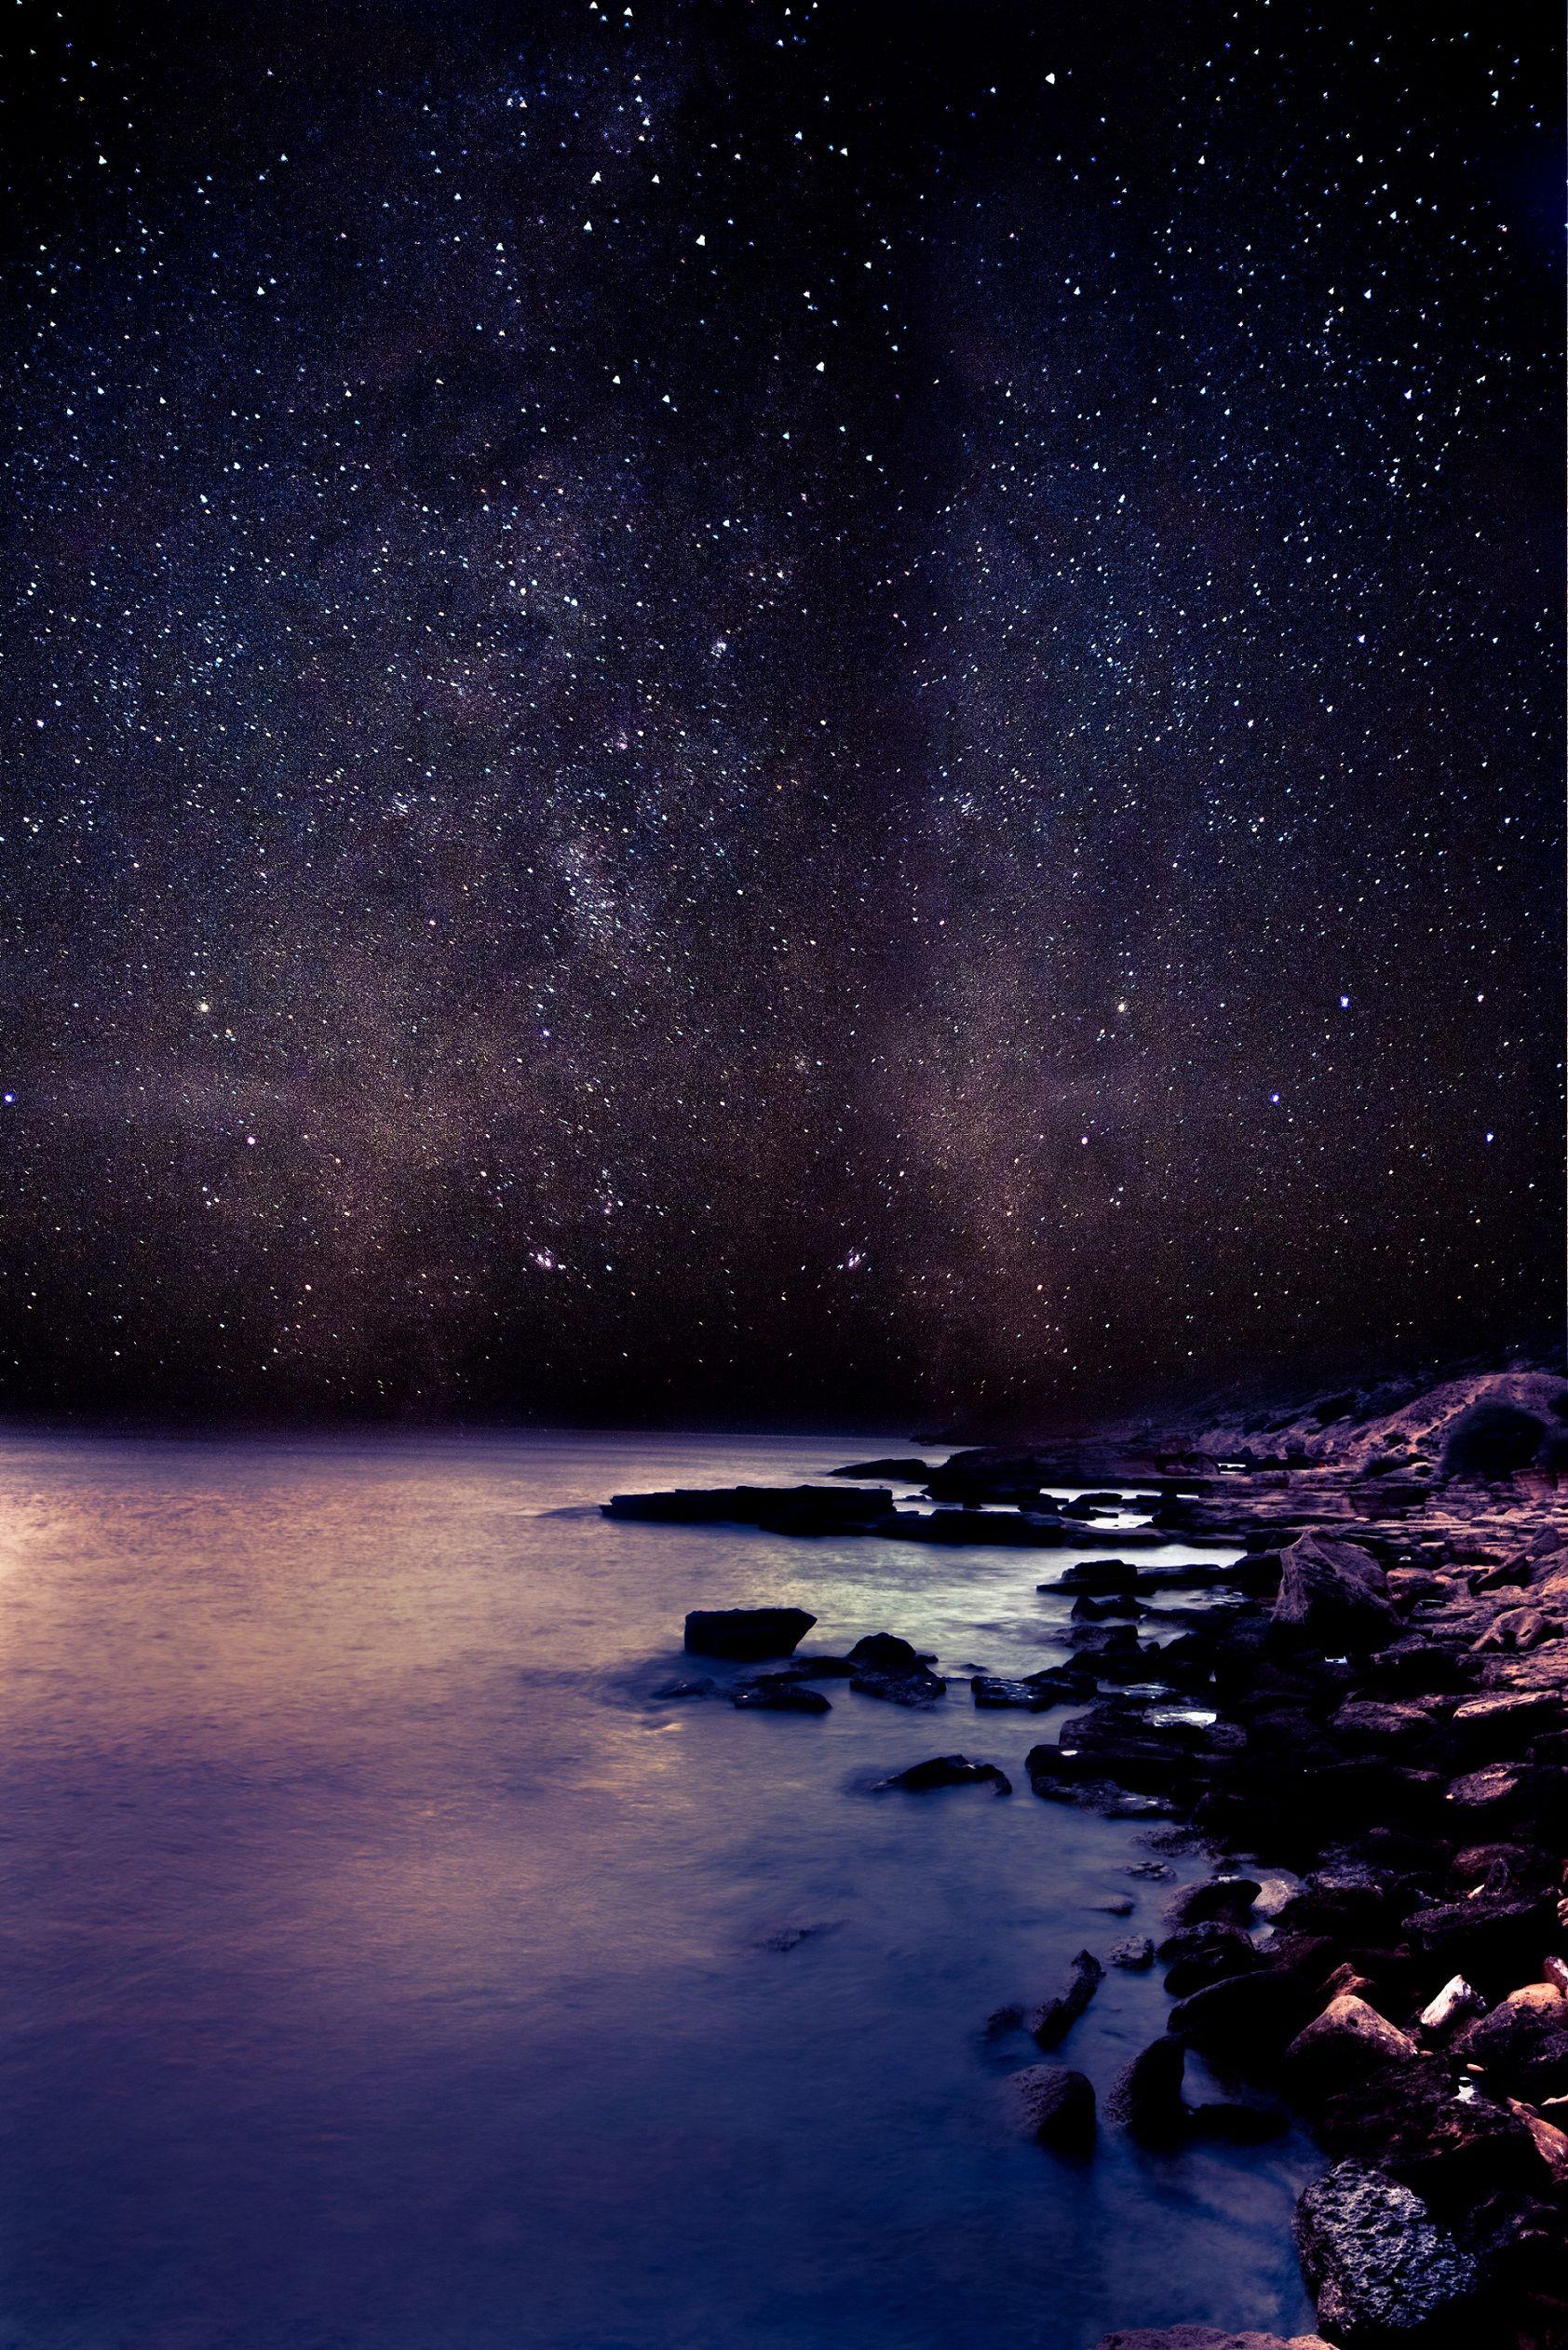 Beautiful Night Sky Wallpaper Hd